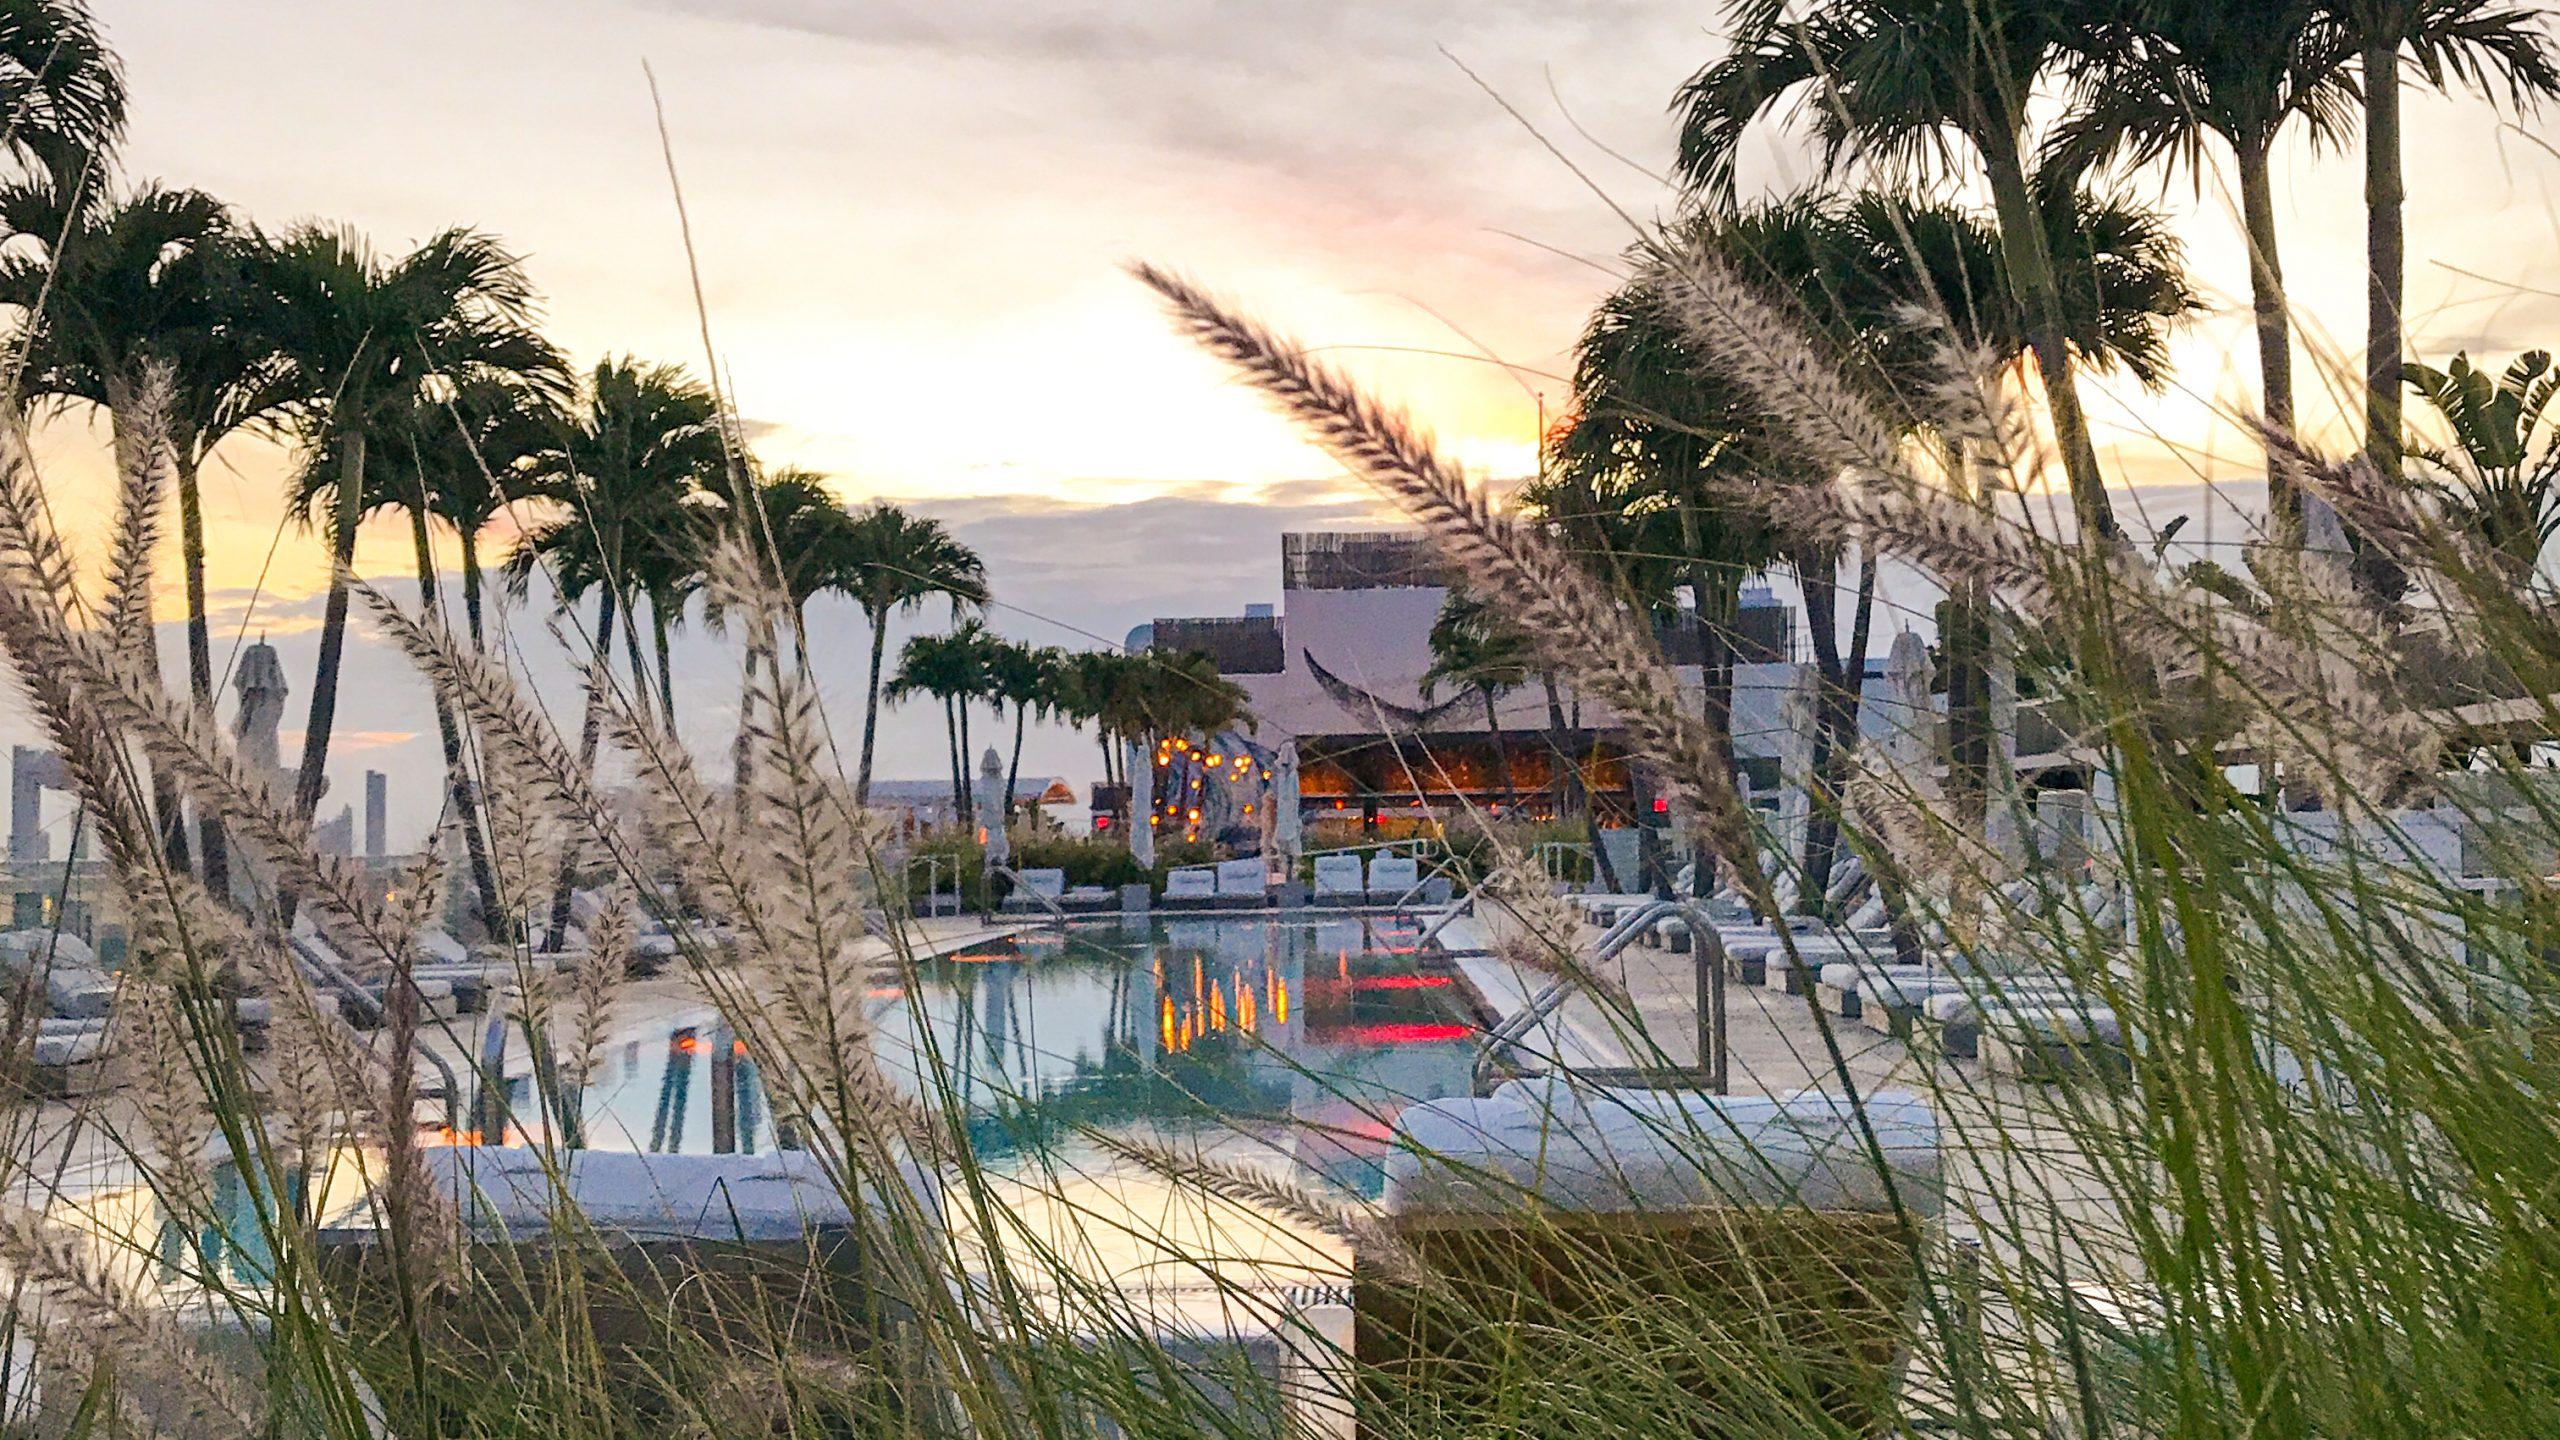 IMG 4923 scaled - Miami Beach ve Hayatın Tadına Varmanın 7 Farklı Yolu